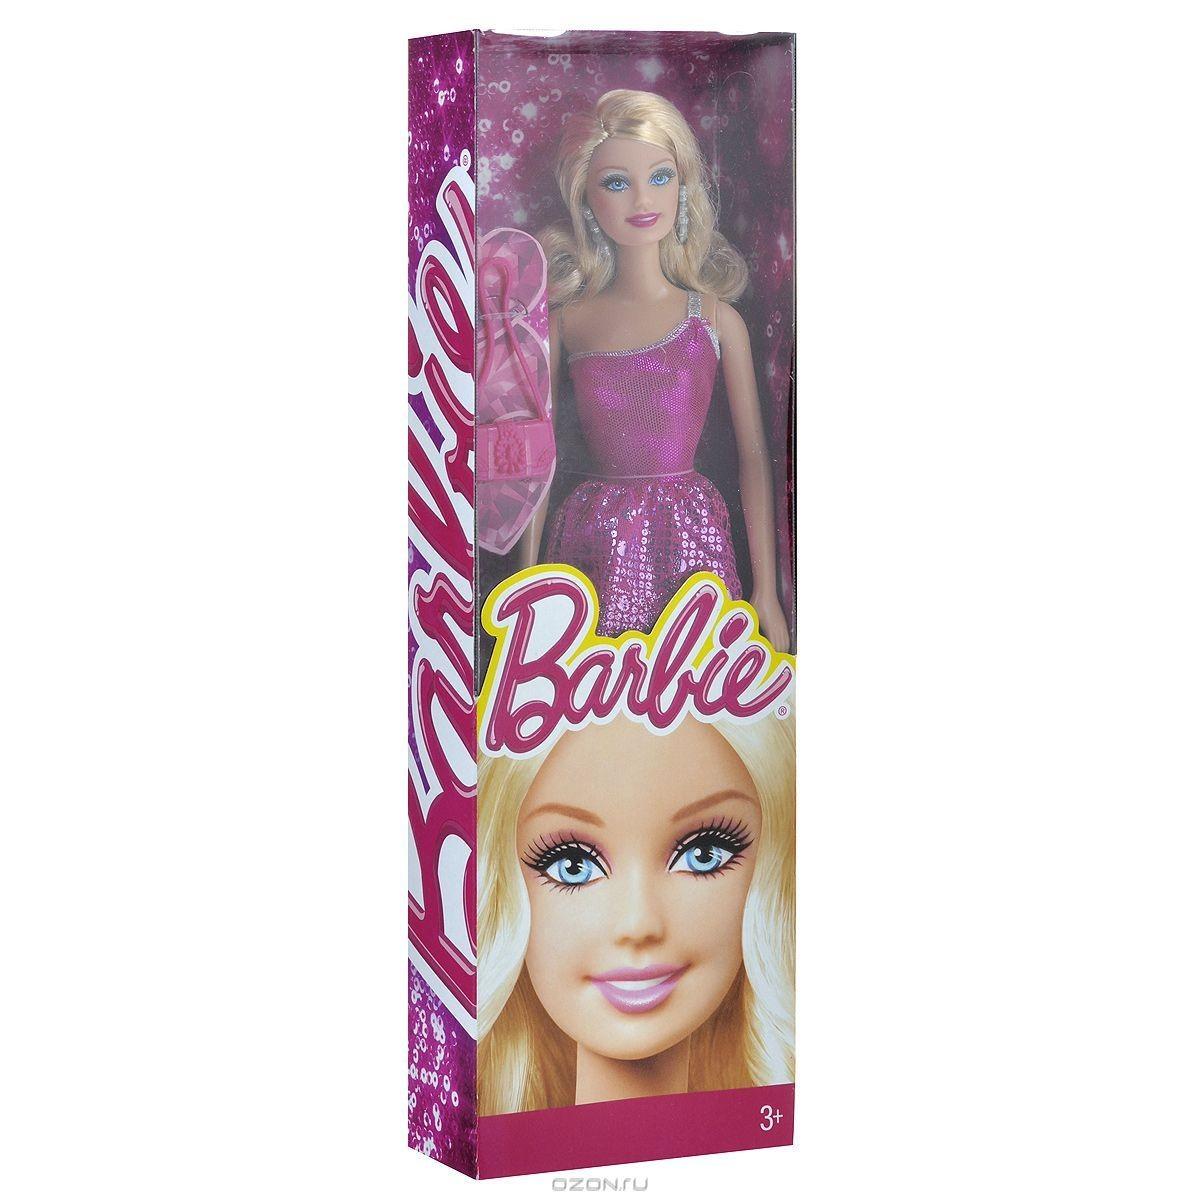 Кукла Барби. Сияние моды